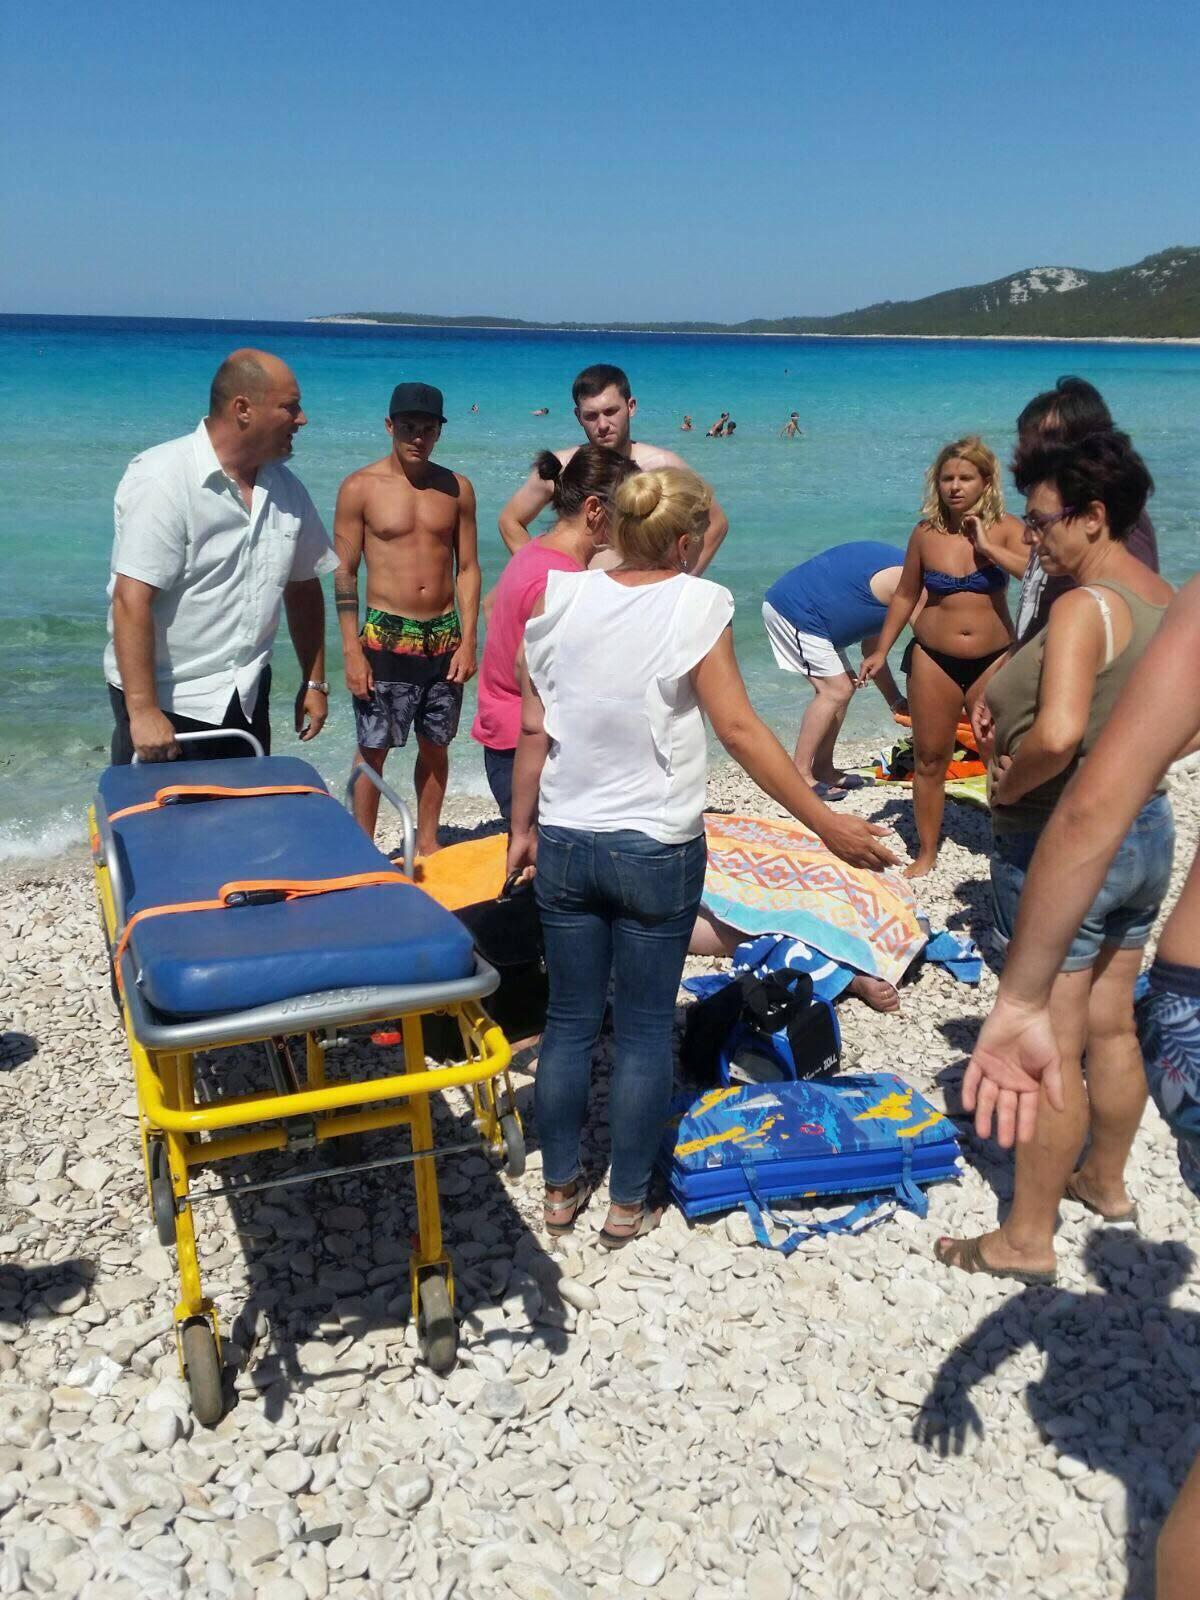 Umro na plaži: 'Hitna je u isto vrijeme imala još dva poziva'